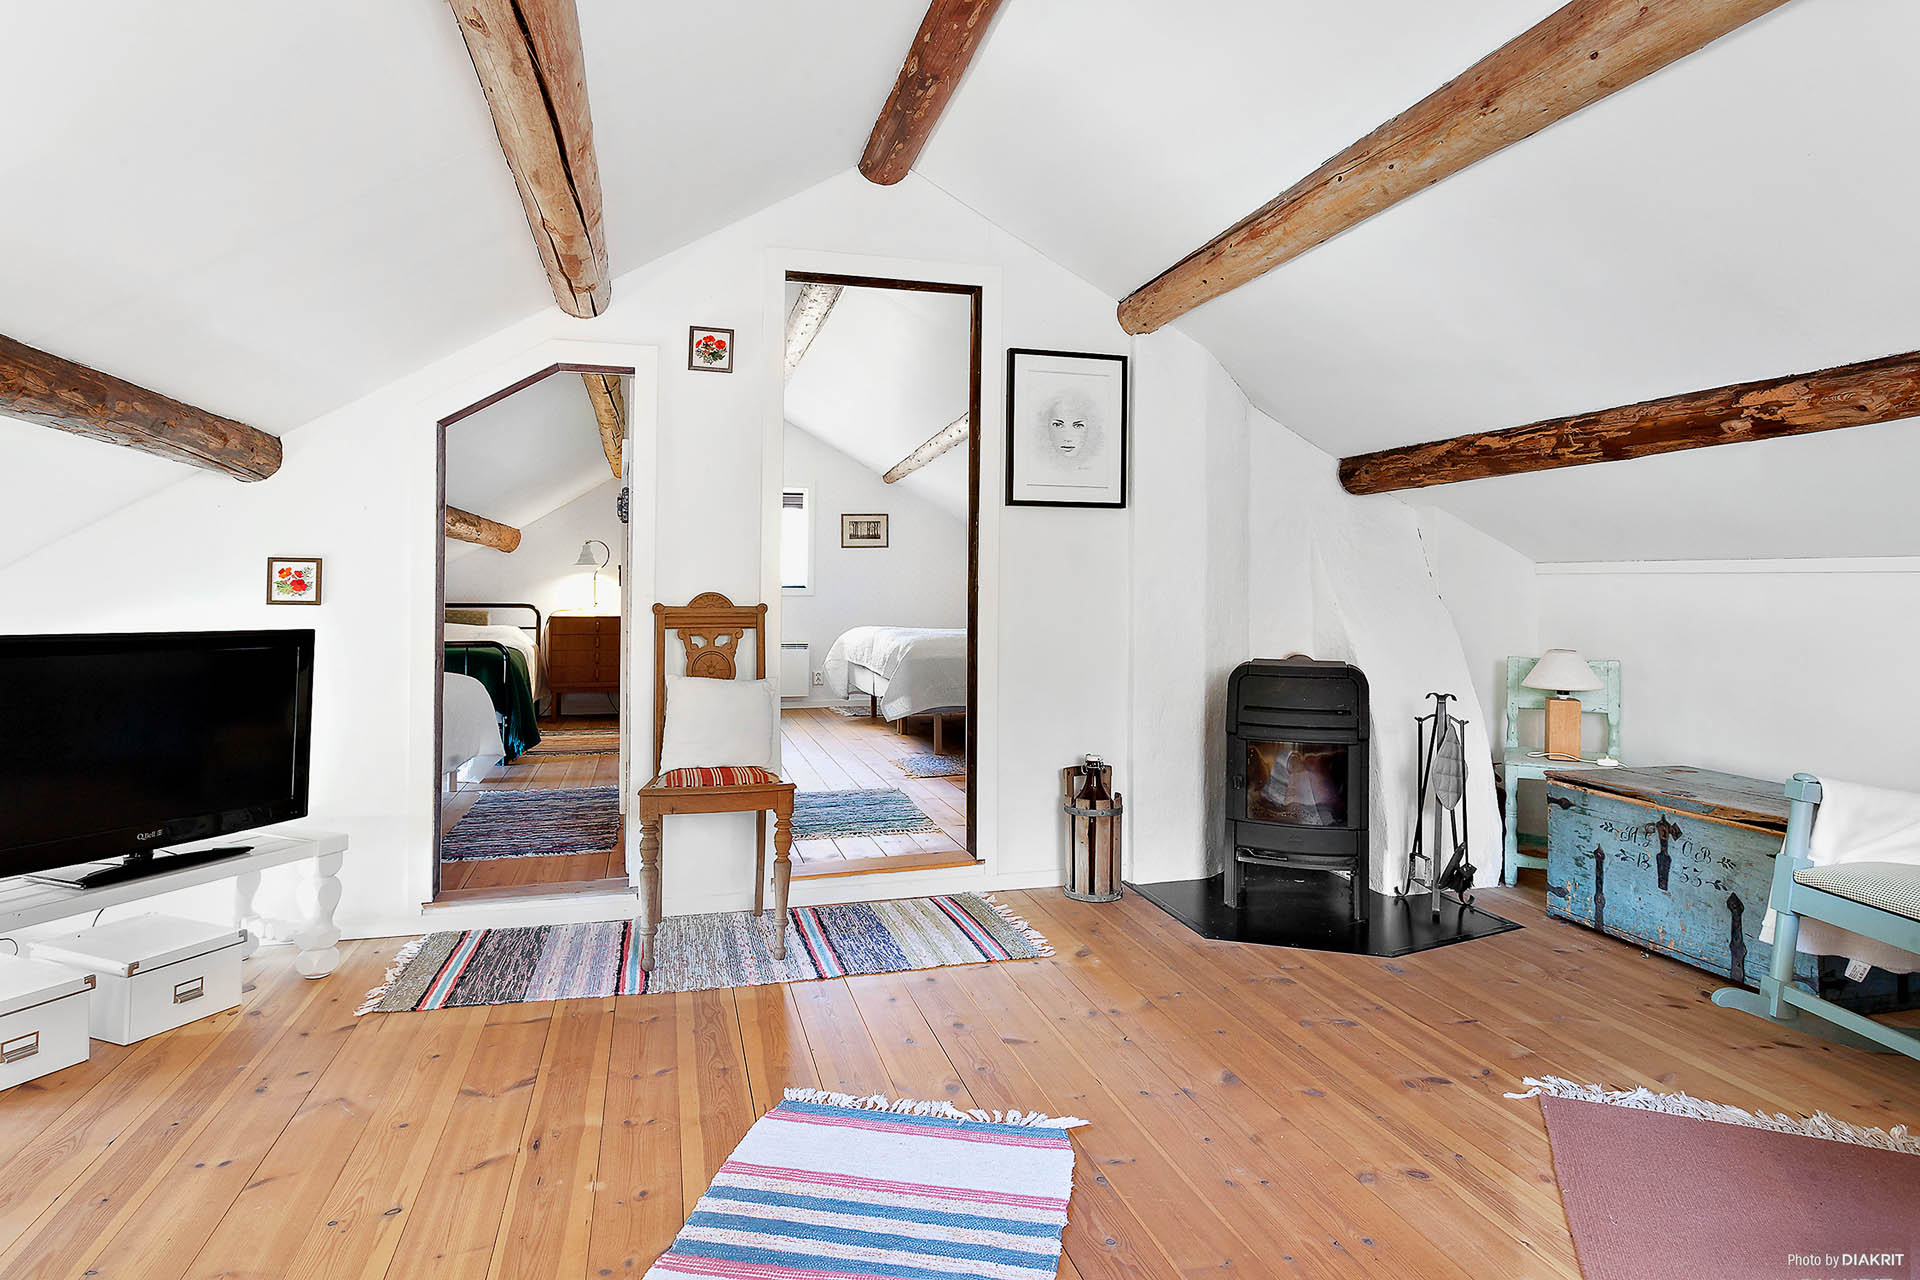 Vackert golv och tak, samt en värmande braskamin.